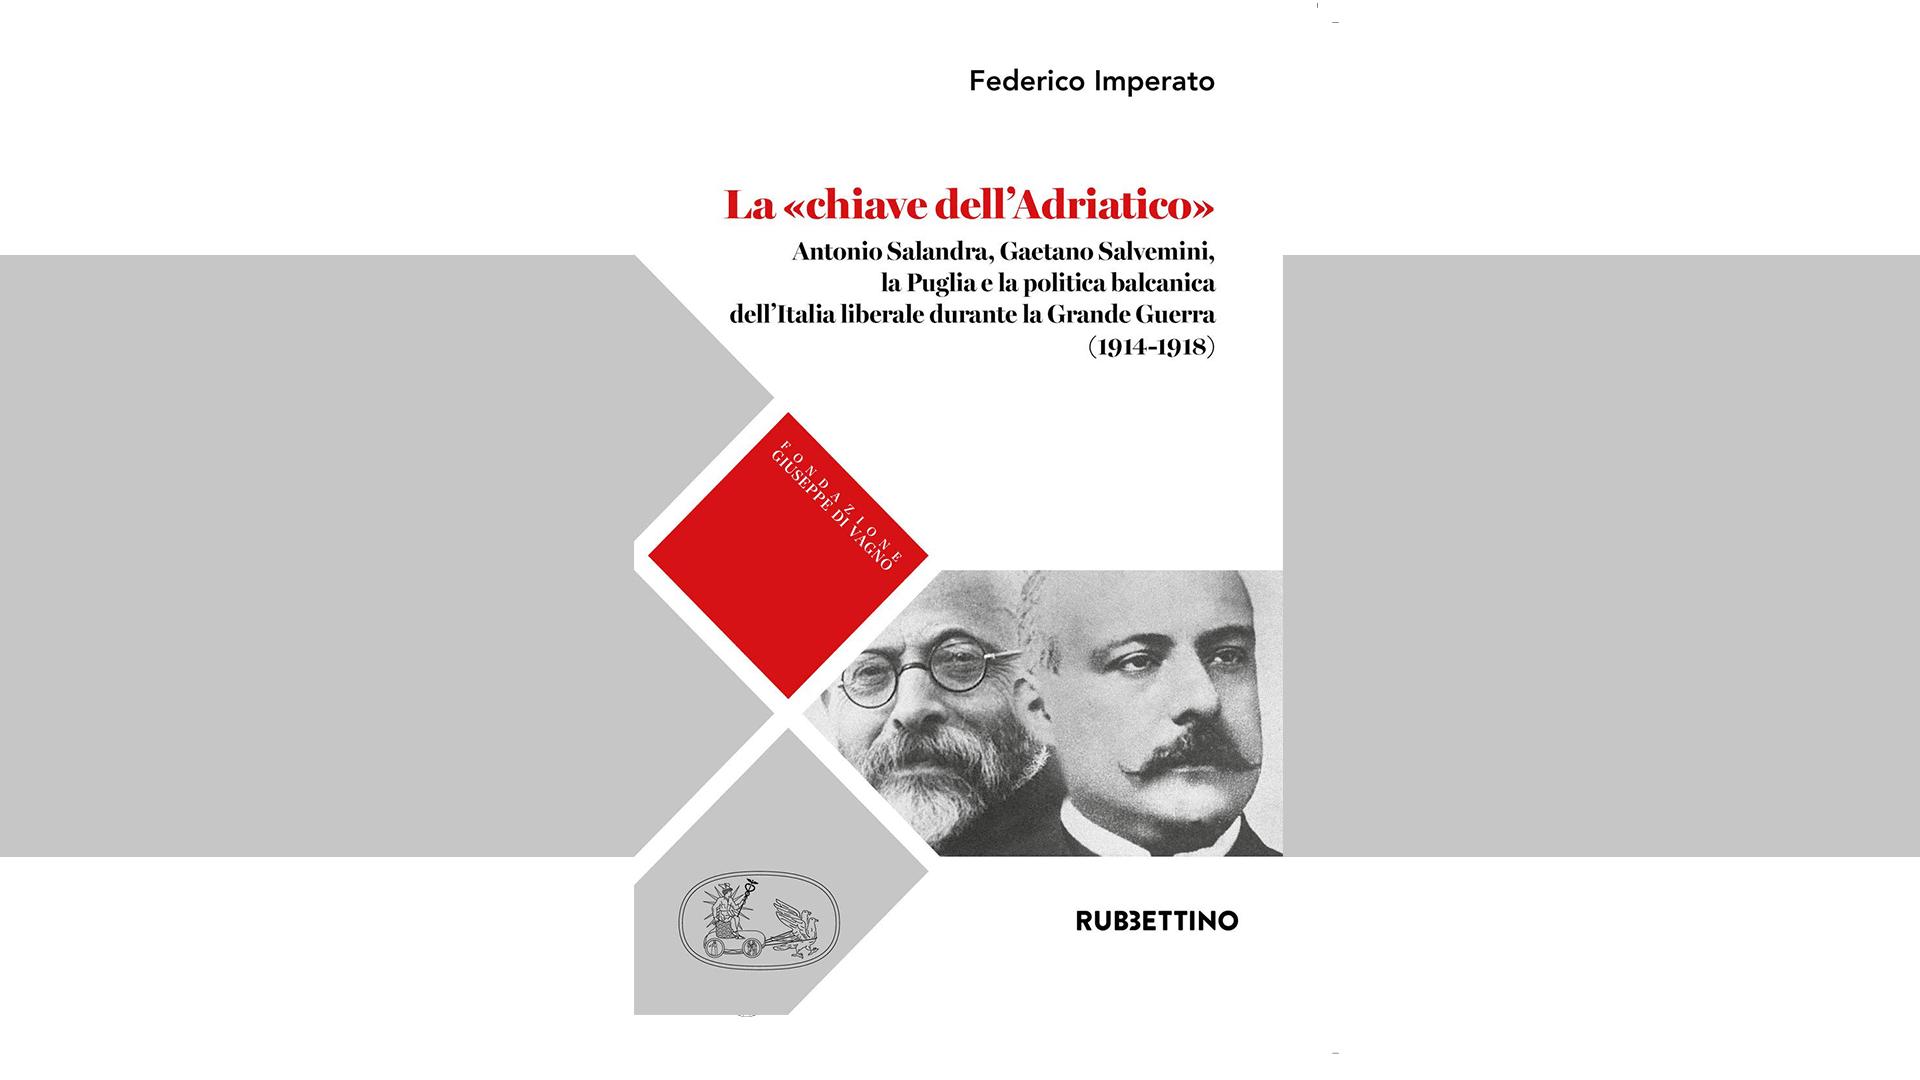 La centralità della Puglia e dei suoi uomini, l'ultimo libro di Federico Imperato